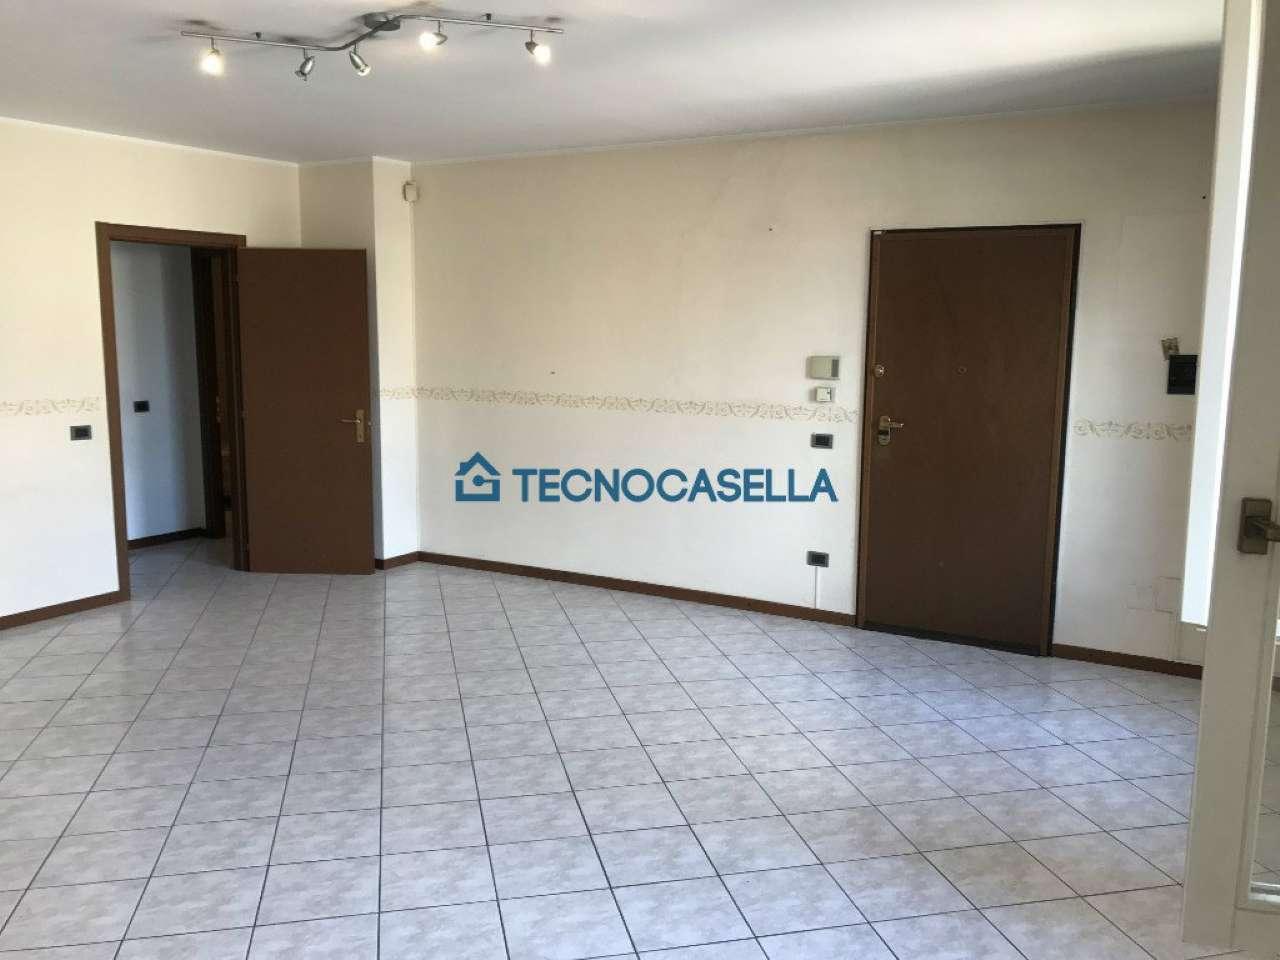 Appartamento in vendita a Sedriano, 3 locali, prezzo € 185.000 | CambioCasa.it